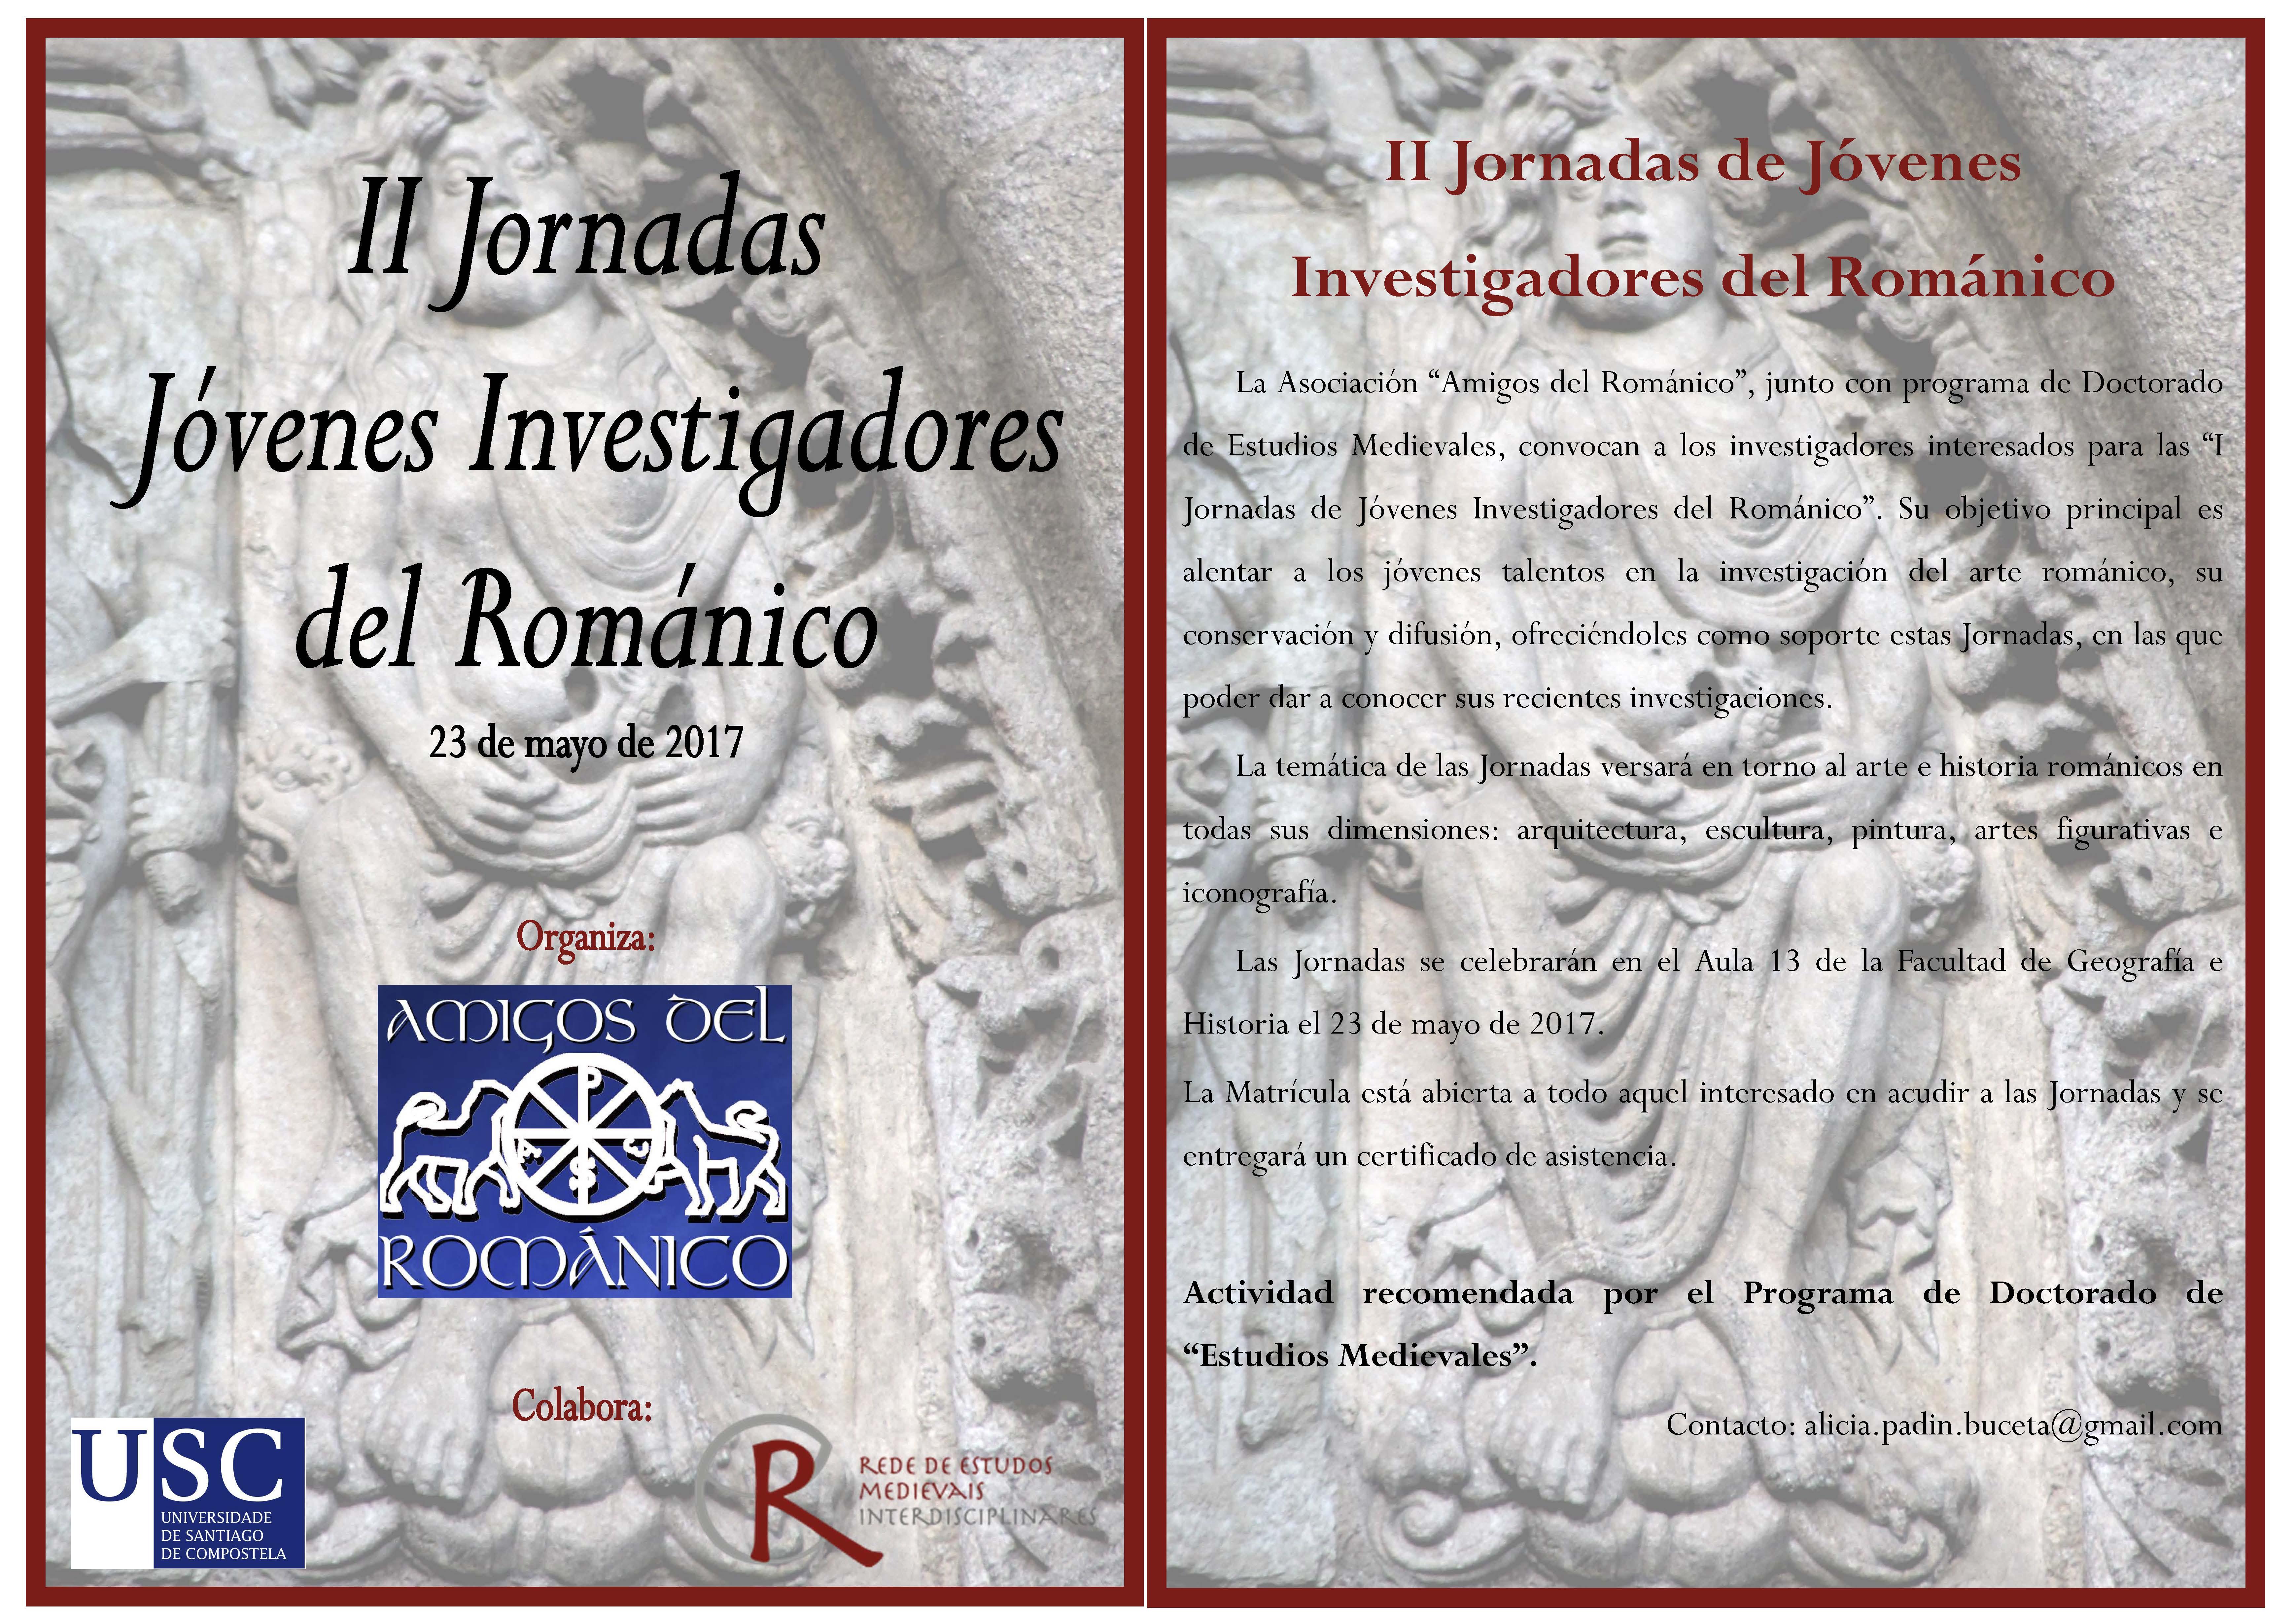 http://www.amigosdelromanico.org/apli2011/fotos/11100/11088_1.jpg